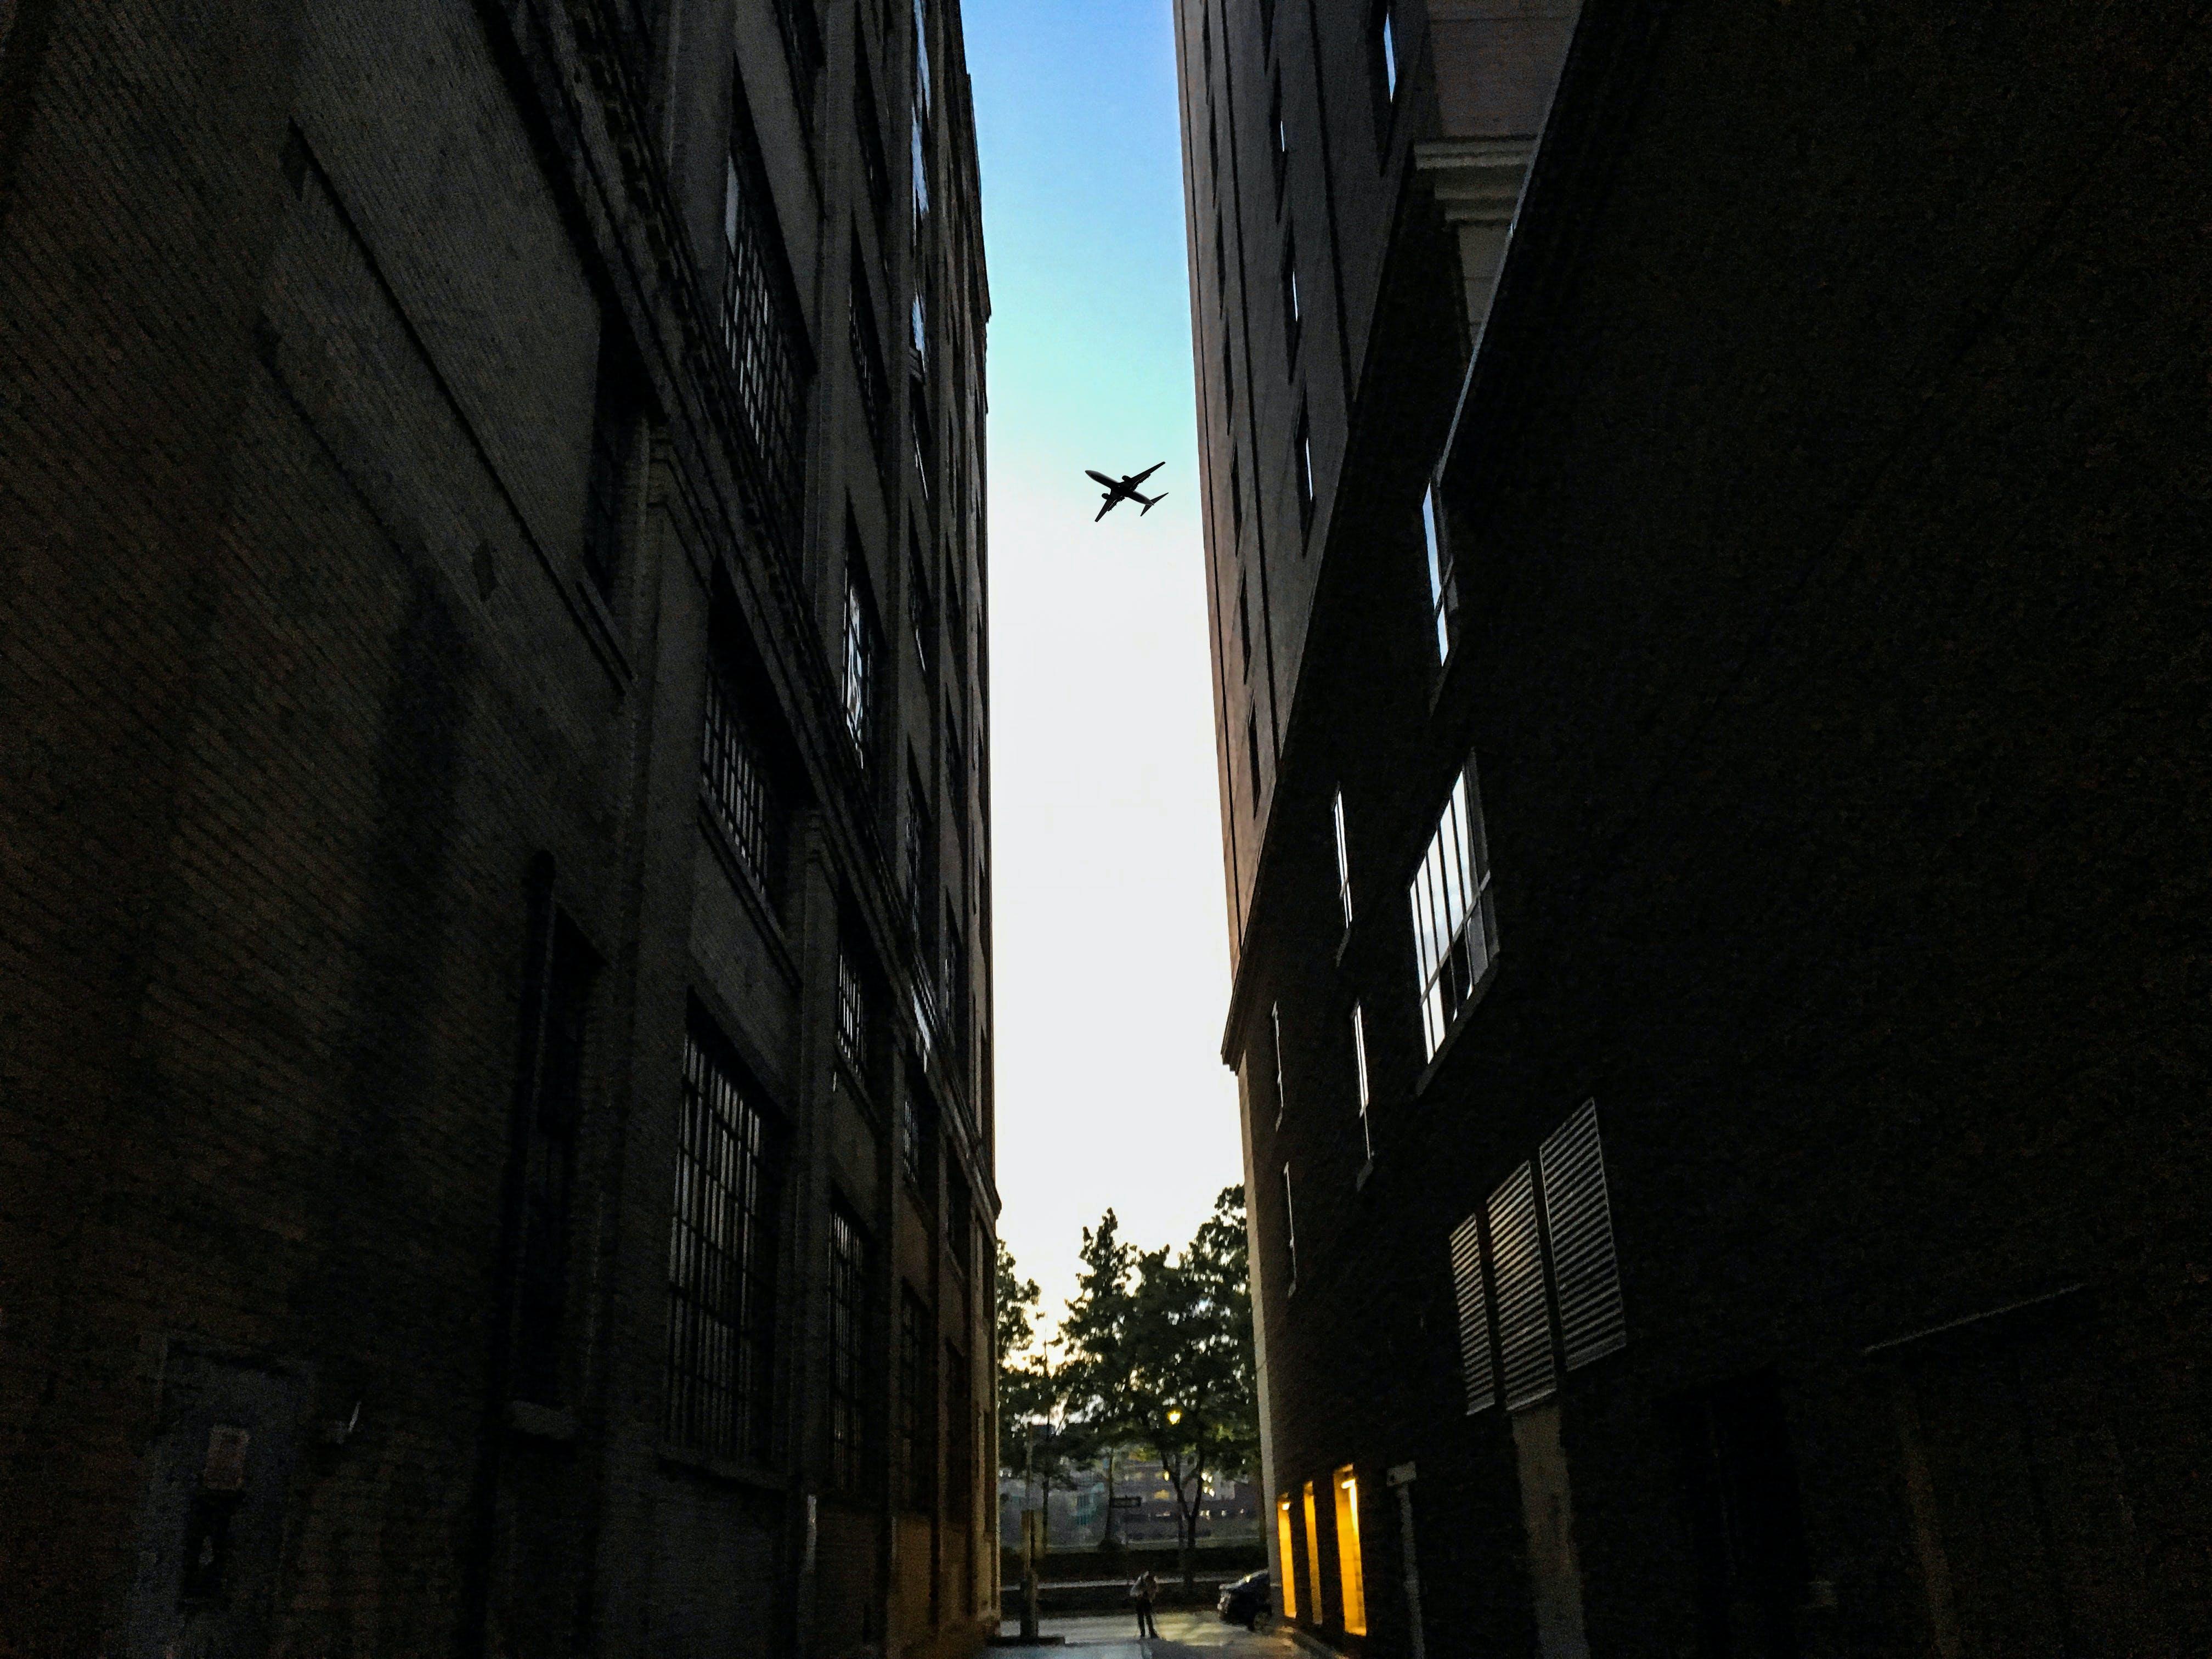 Foto d'estoc gratuïta de avió, buit, carrer, cel